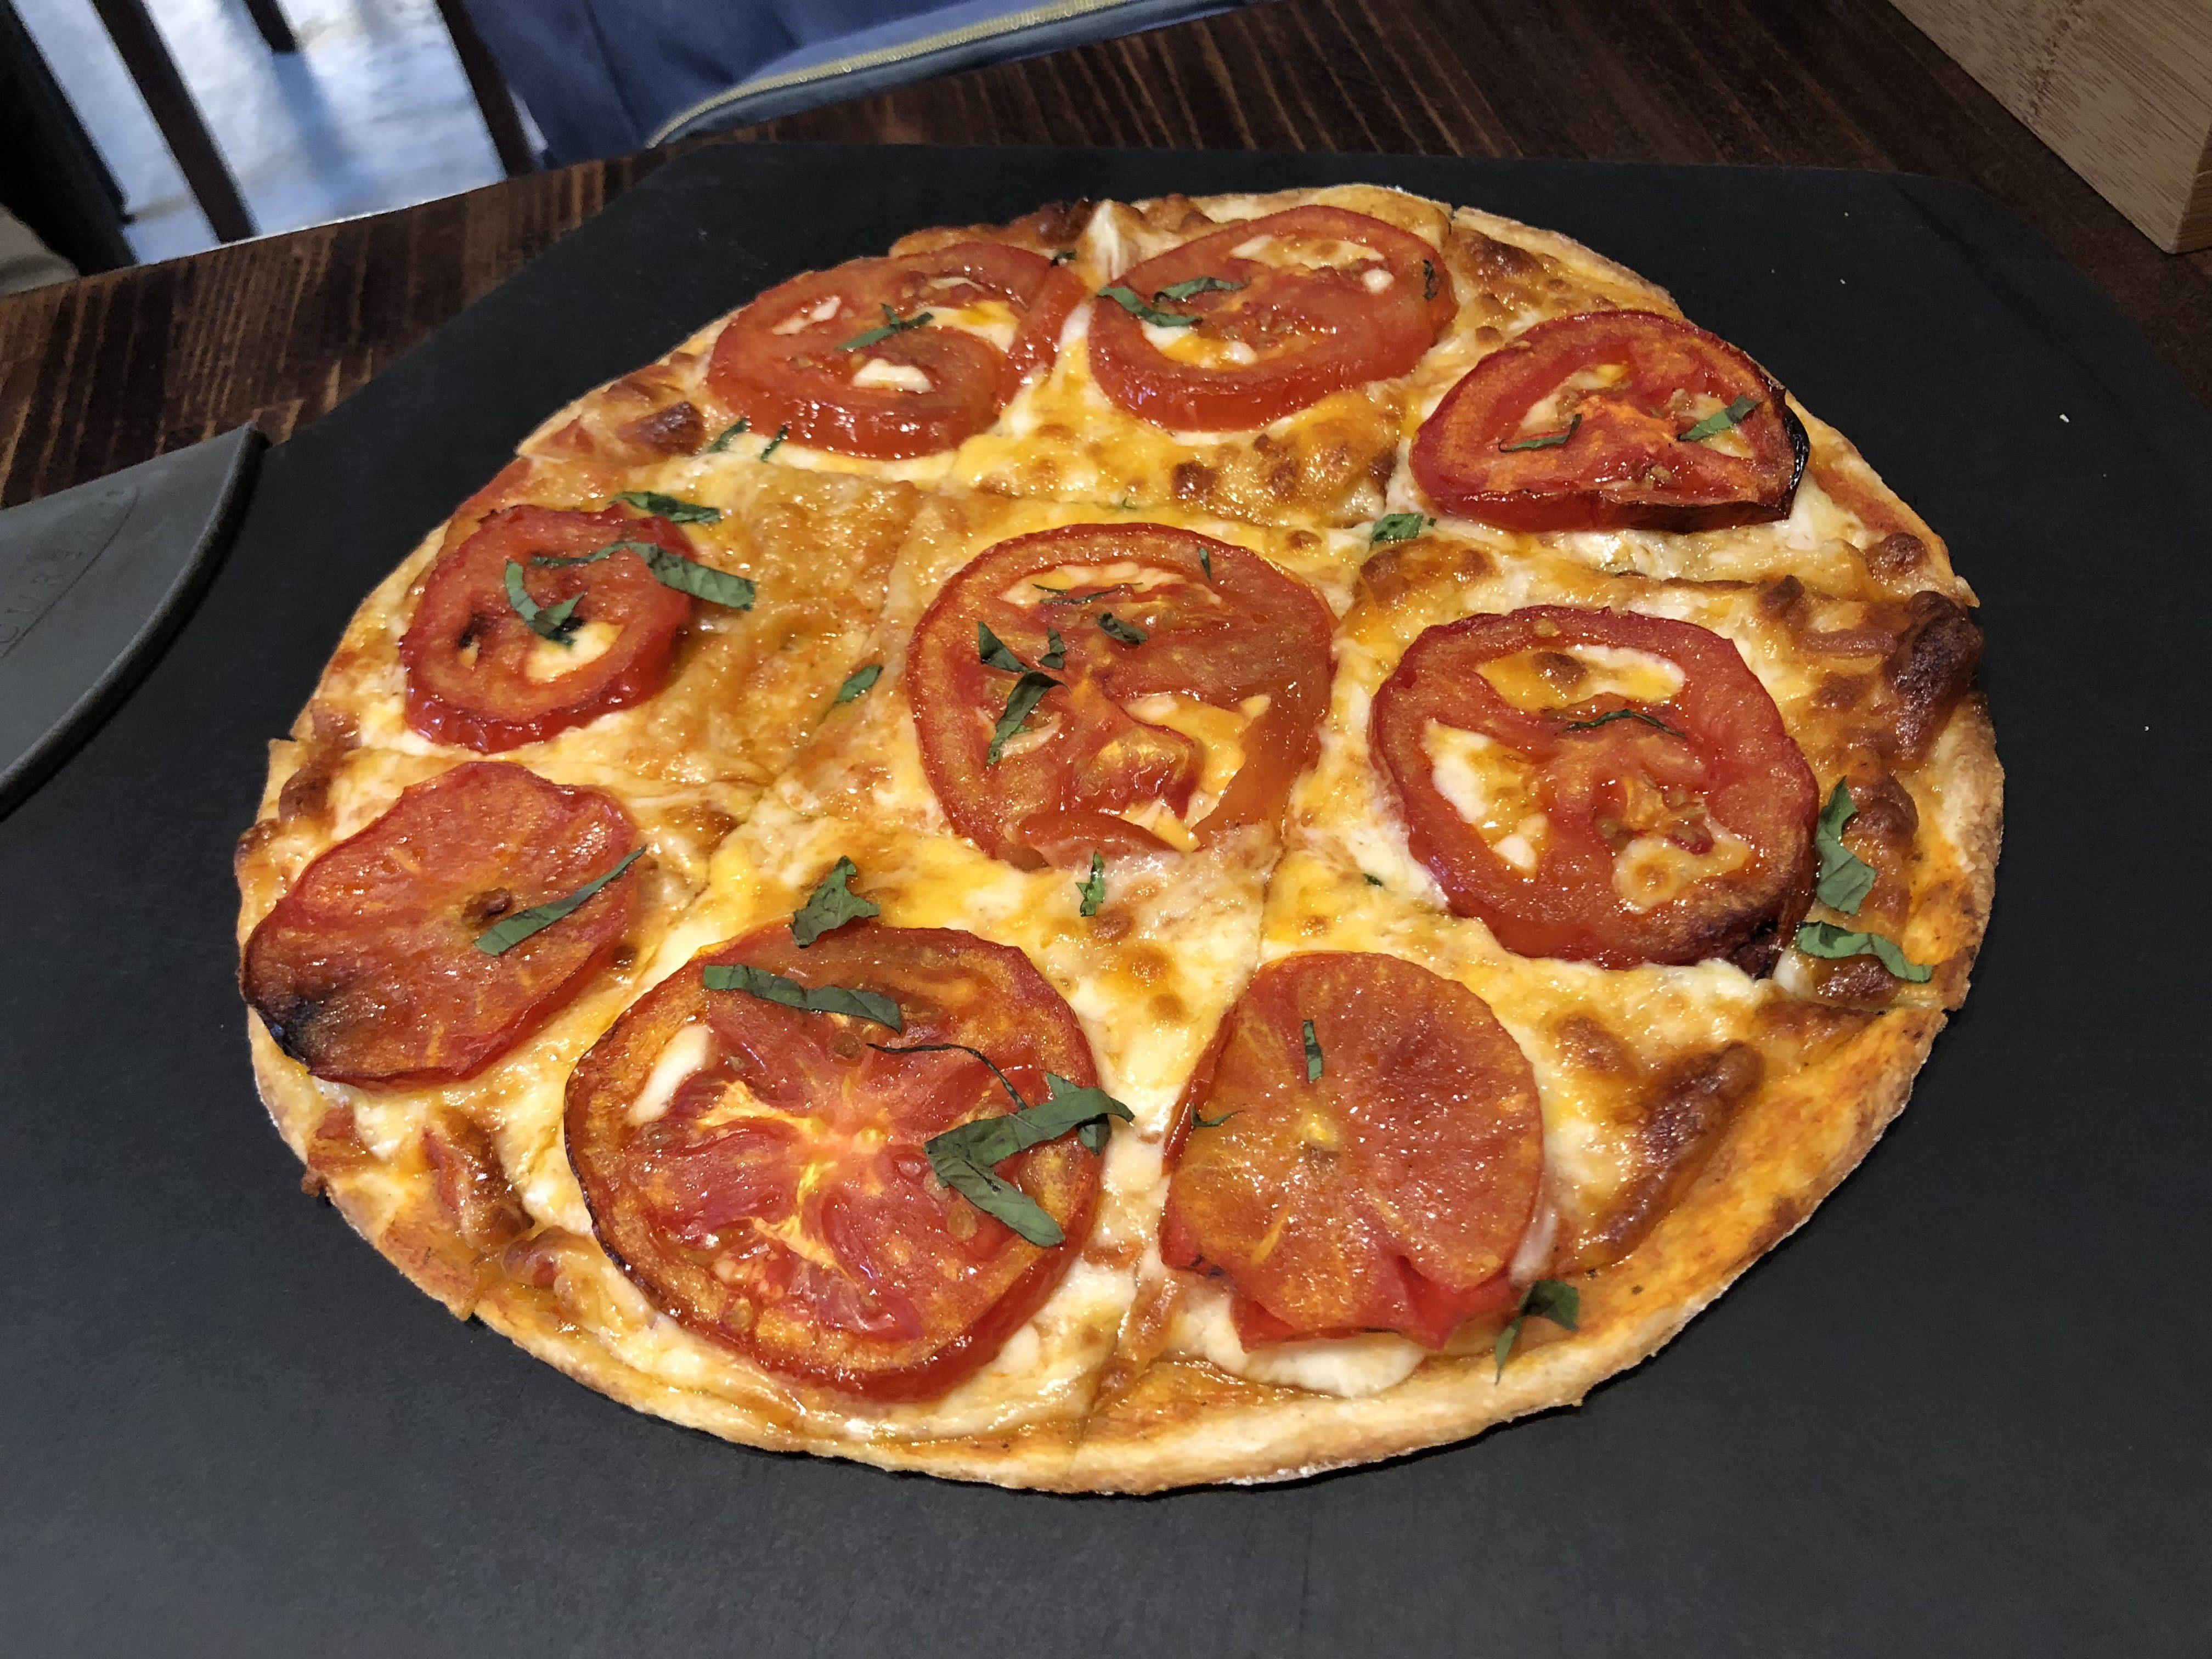 《義式餐廳,蔬食》中山國中站,墨伯的廚房mobe's kitchen ,推薦瑪格麗特披薩